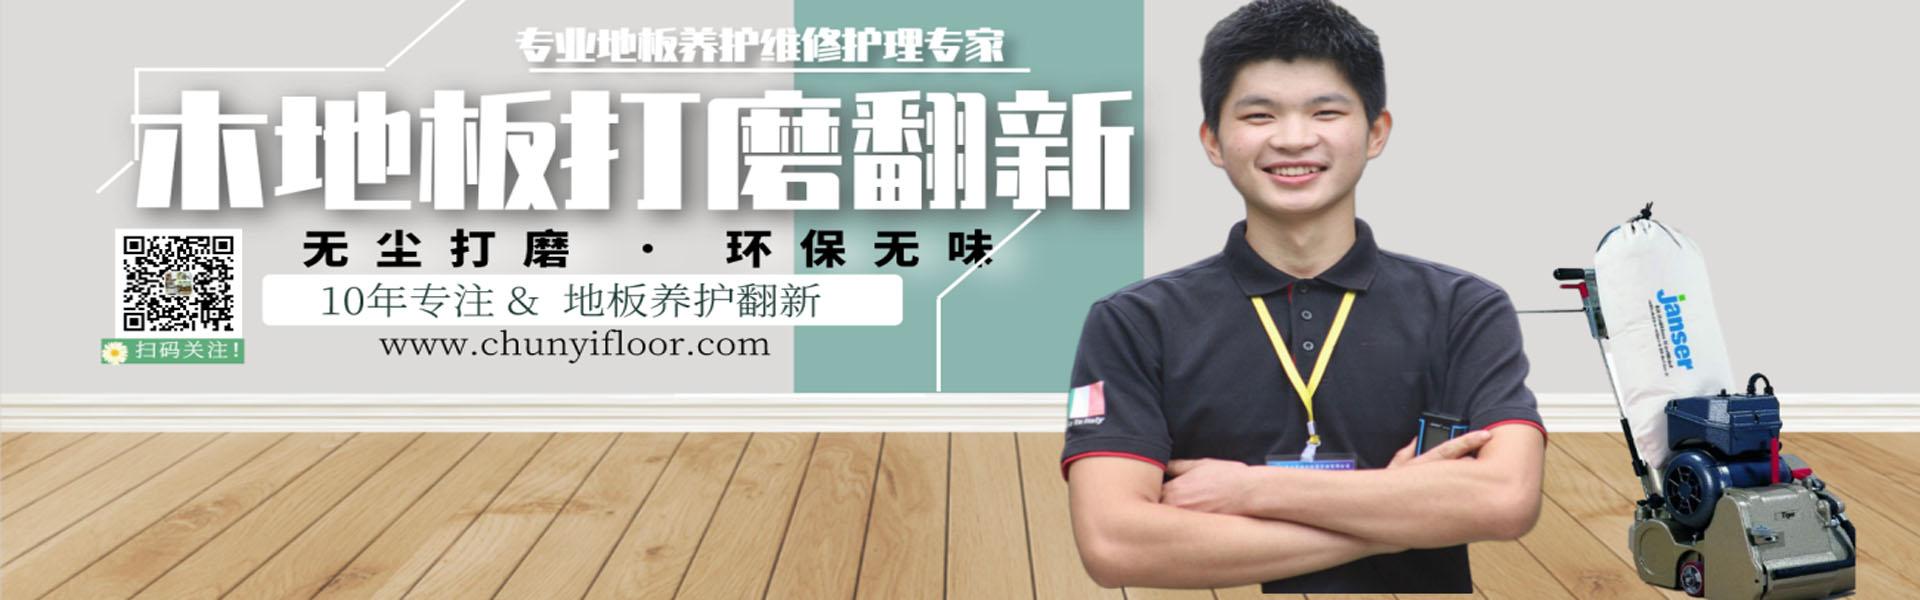 重庆木地板维修公司